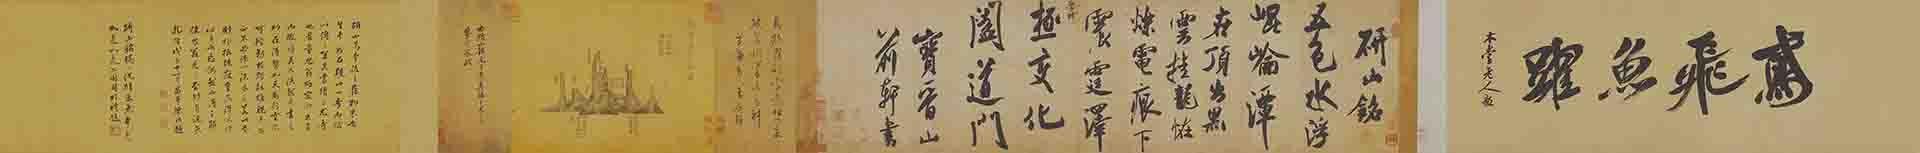 宋 米芾 研山铭行书手卷(全卷)绢本36x136北京